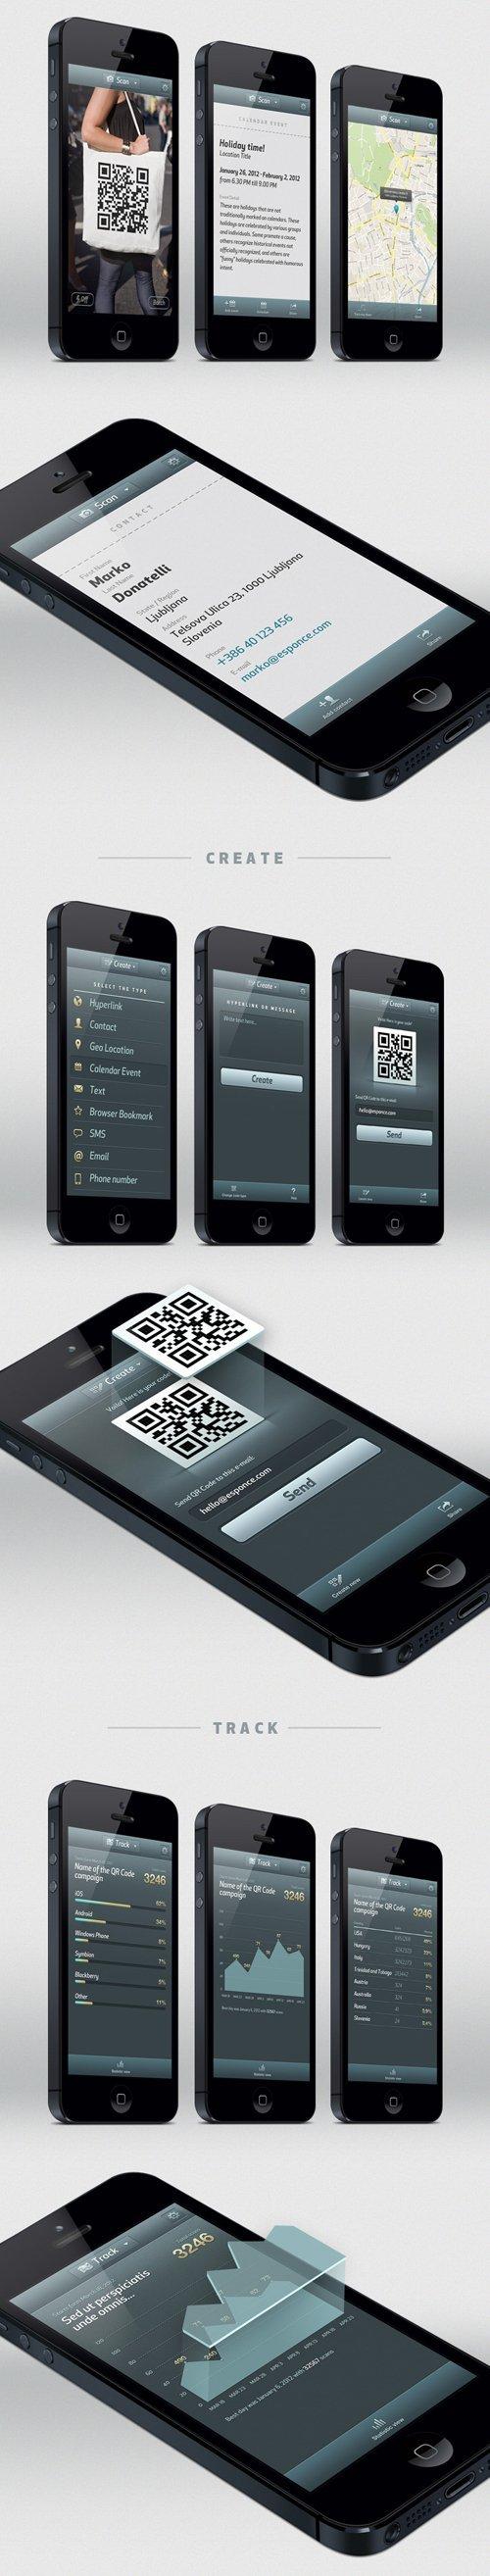 手机界面设计UI/UX-25